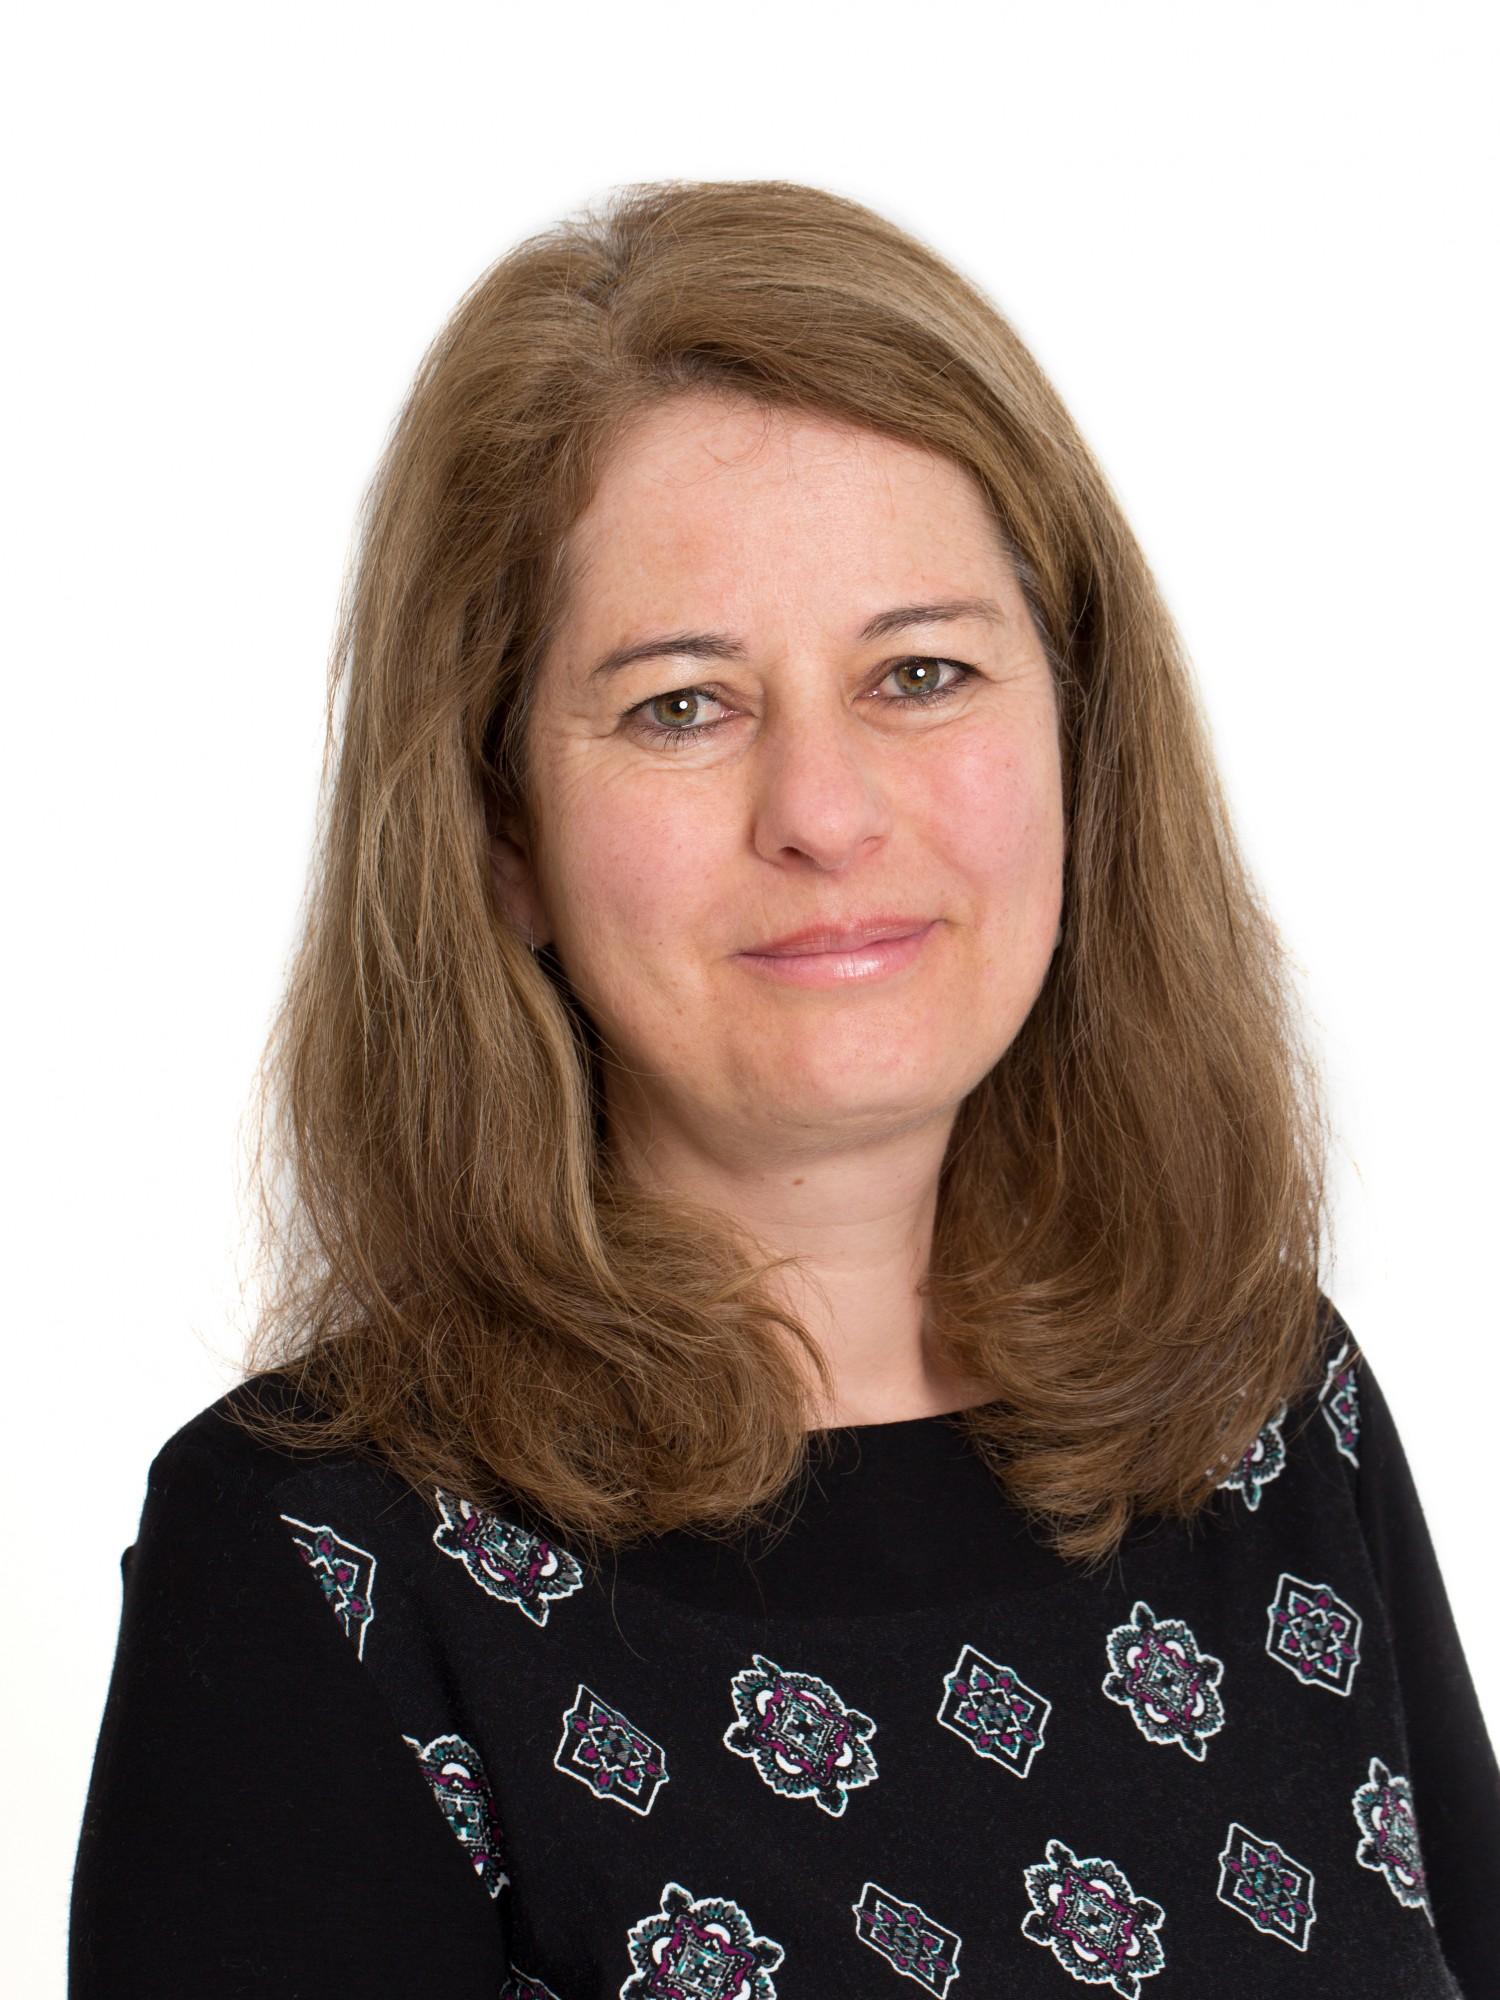 Fabienne Asper